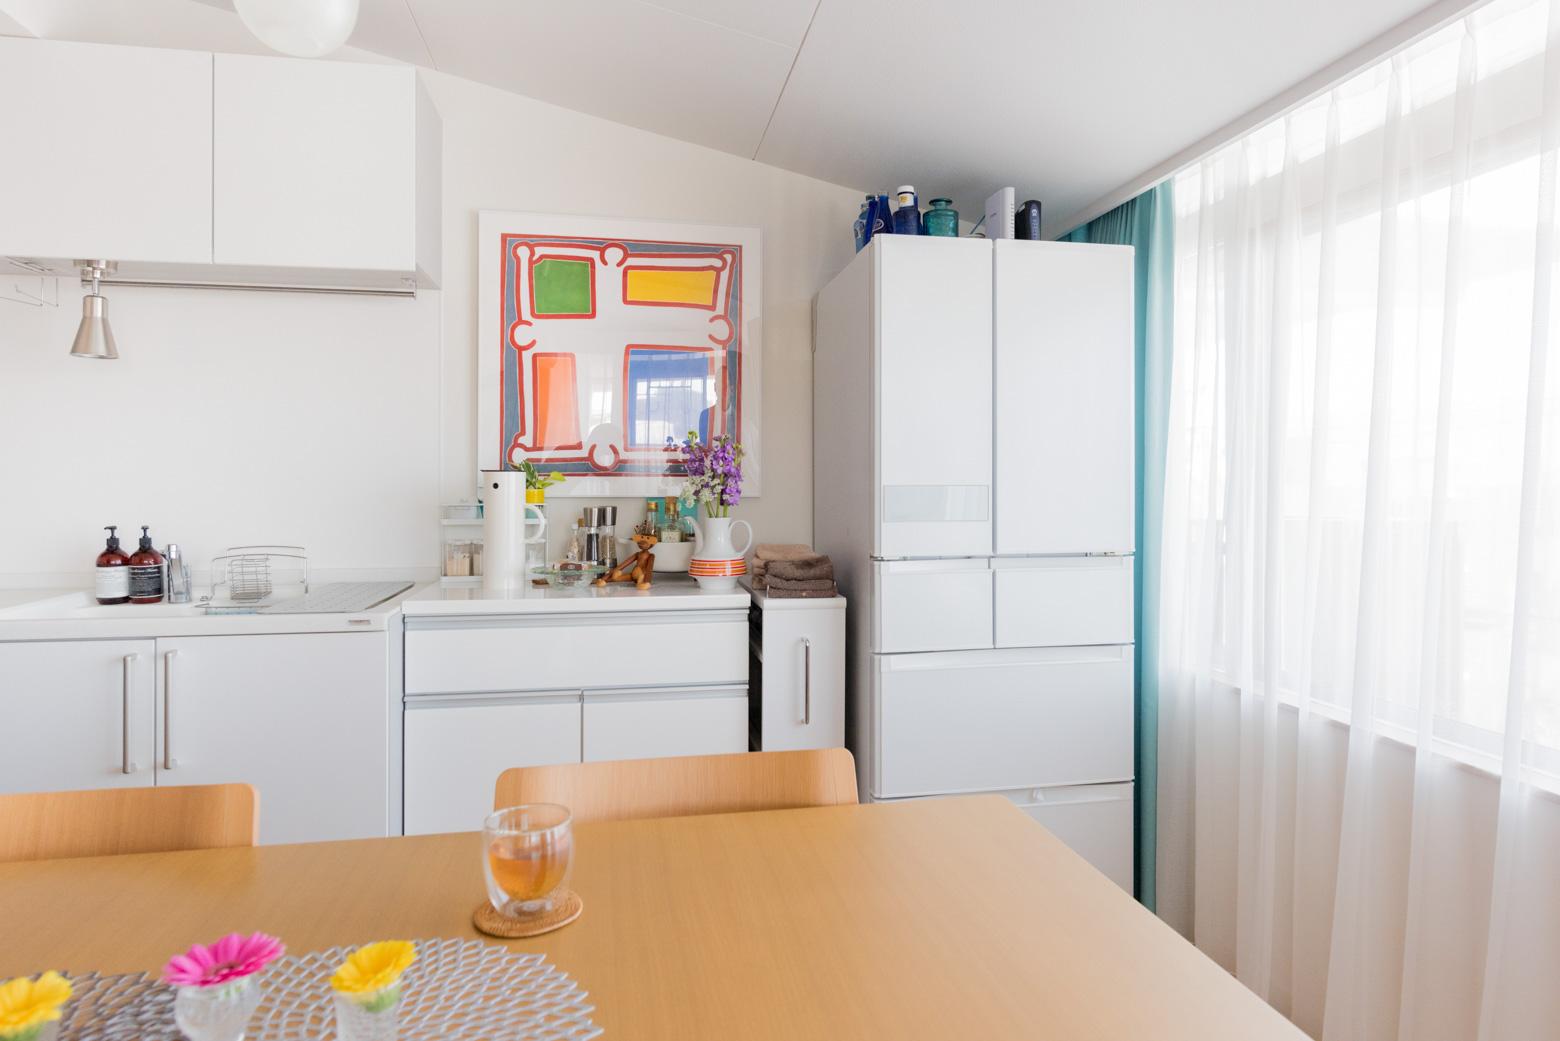 キッチンに飾られた大きな絵。「空間が印象的になるし、視線がそこに集中することで広く感じたりします」と。なるほどー。